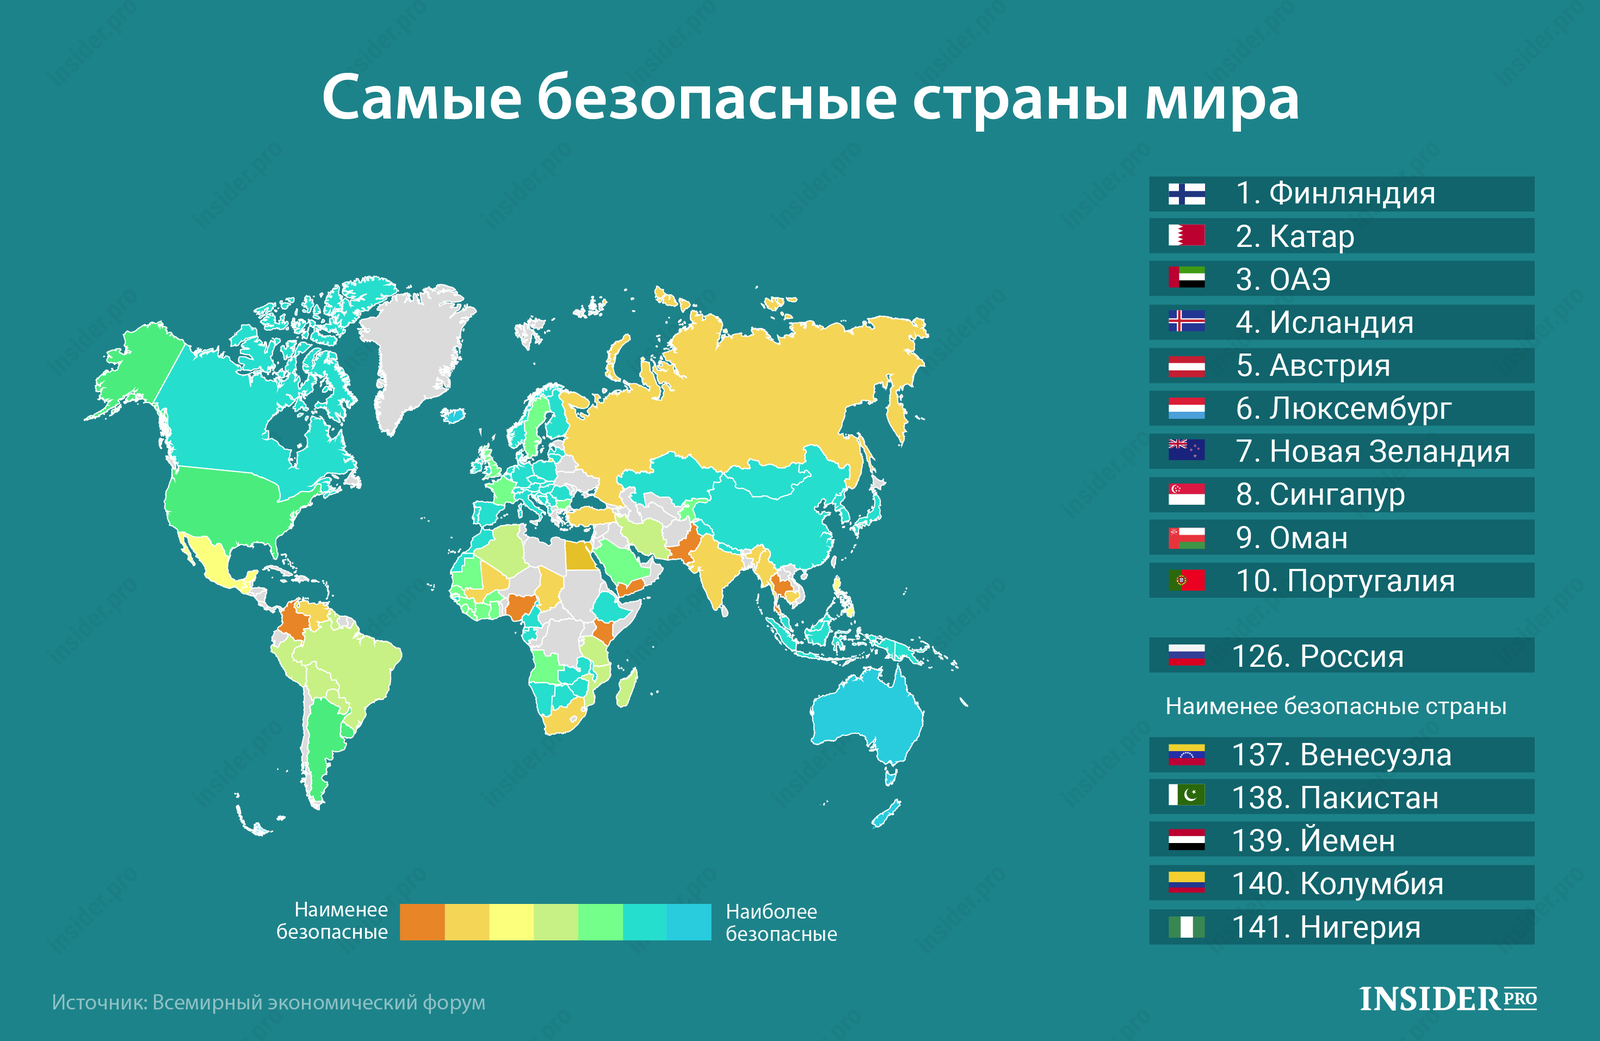 График дня: Самые безопасные страны мира